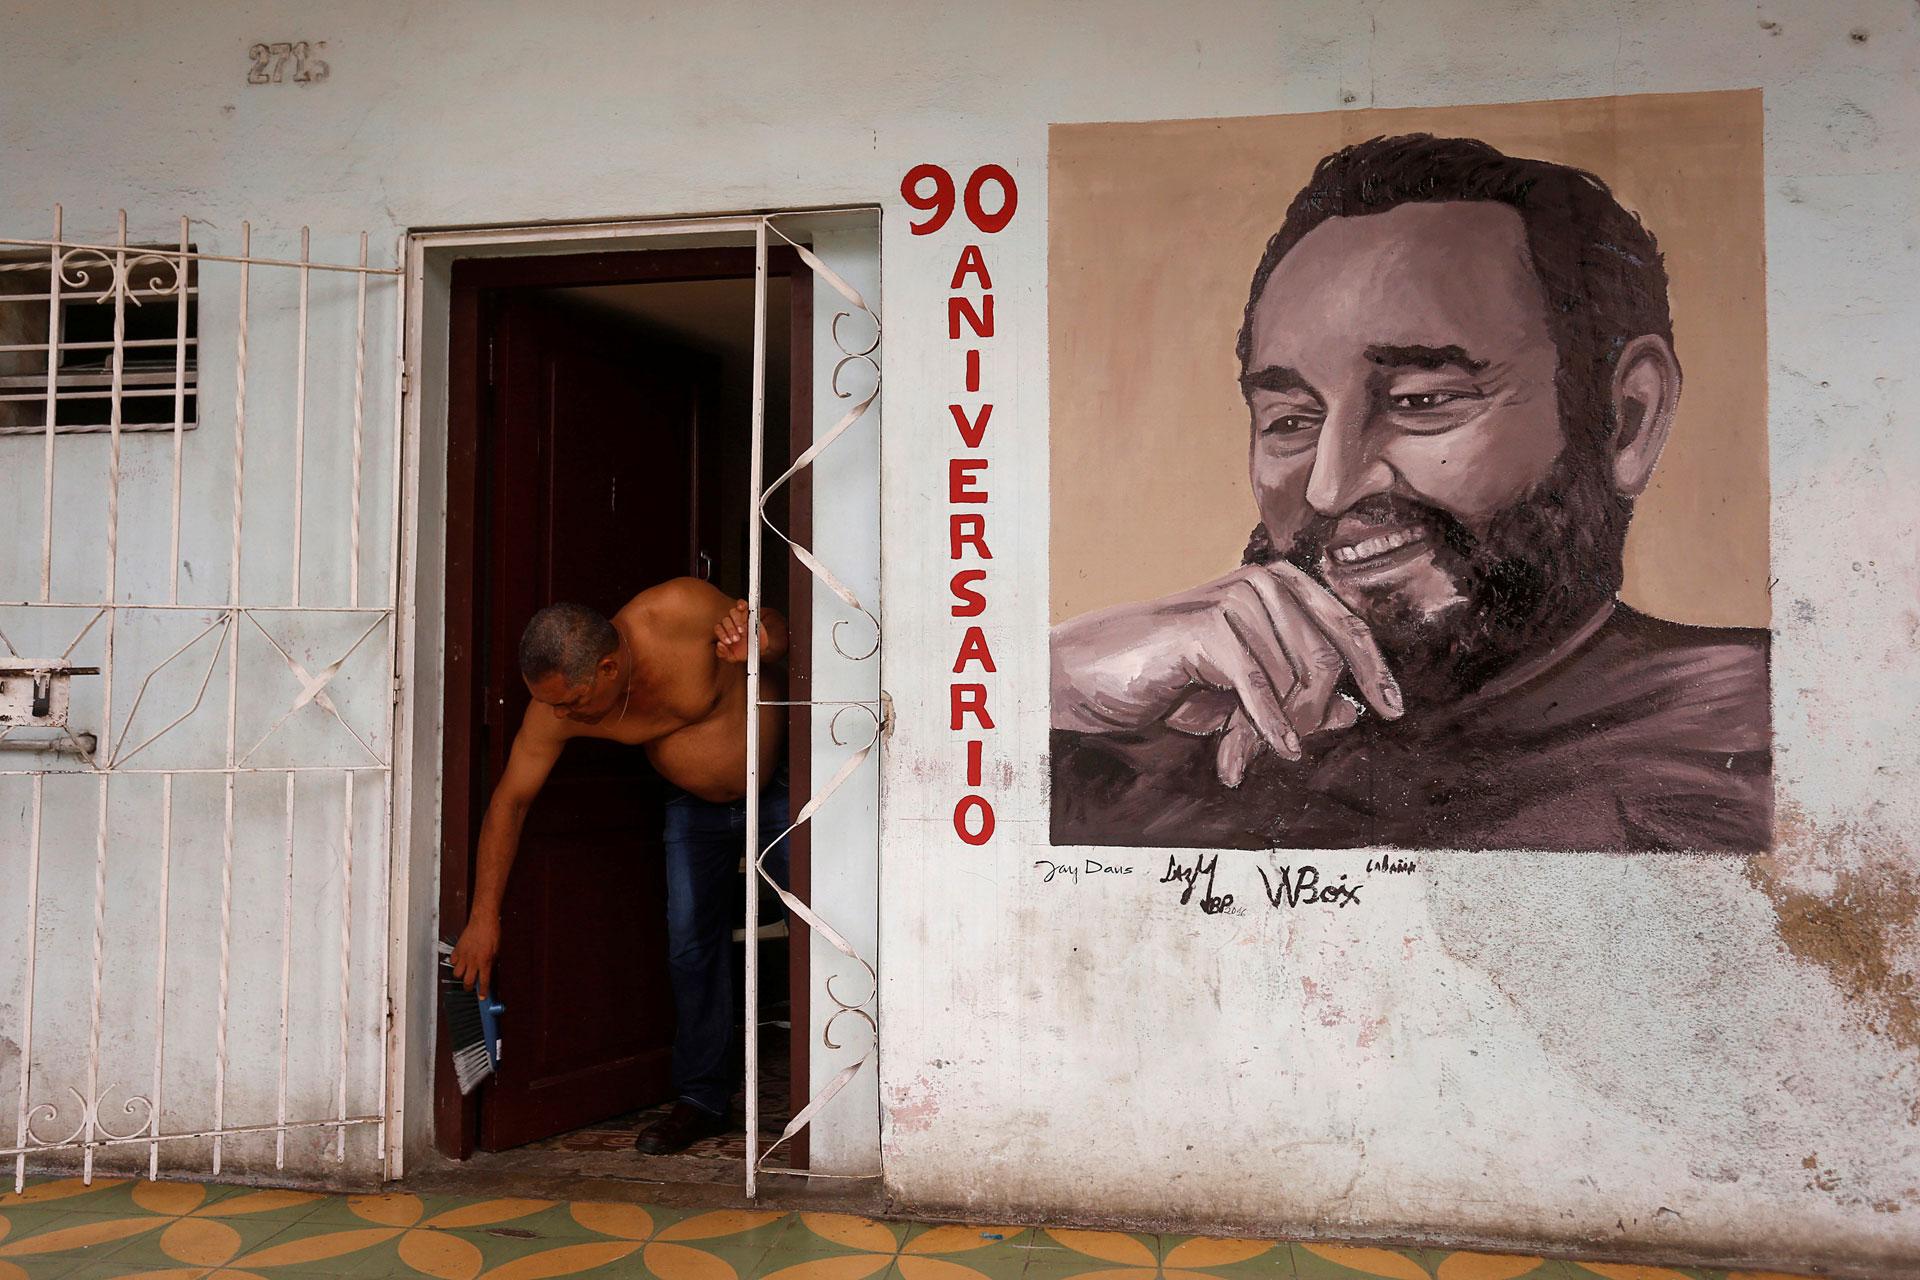 Fidel Castro cumple 90 años este sábado en un país que implementa una progresiva apertura a la iniciativa privada y el acercamiento a Estados Unidos (Reuters)